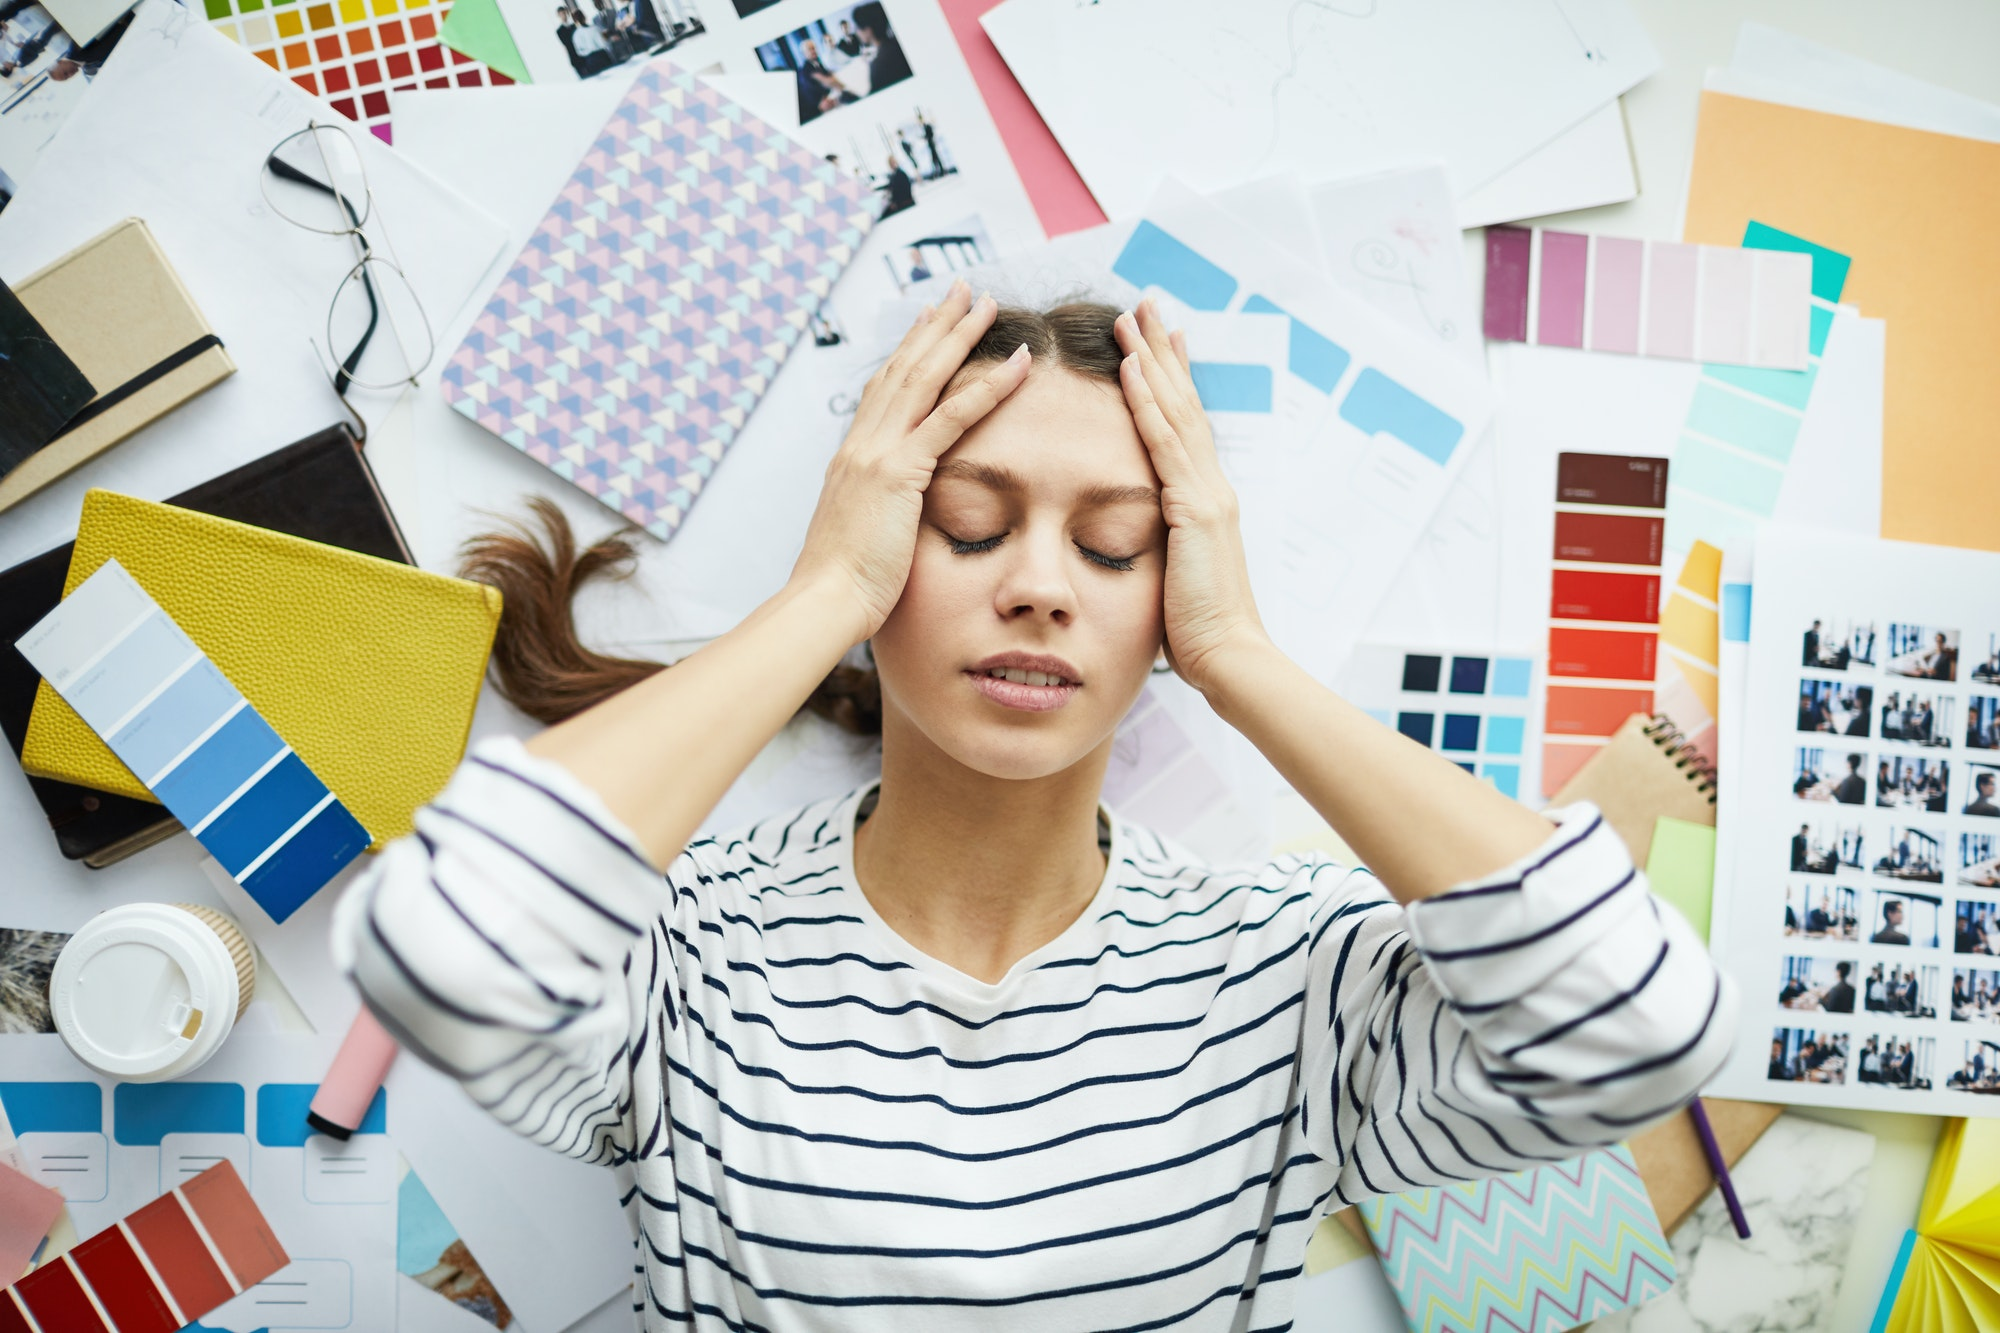 Gode råd til mindre stress som studerende